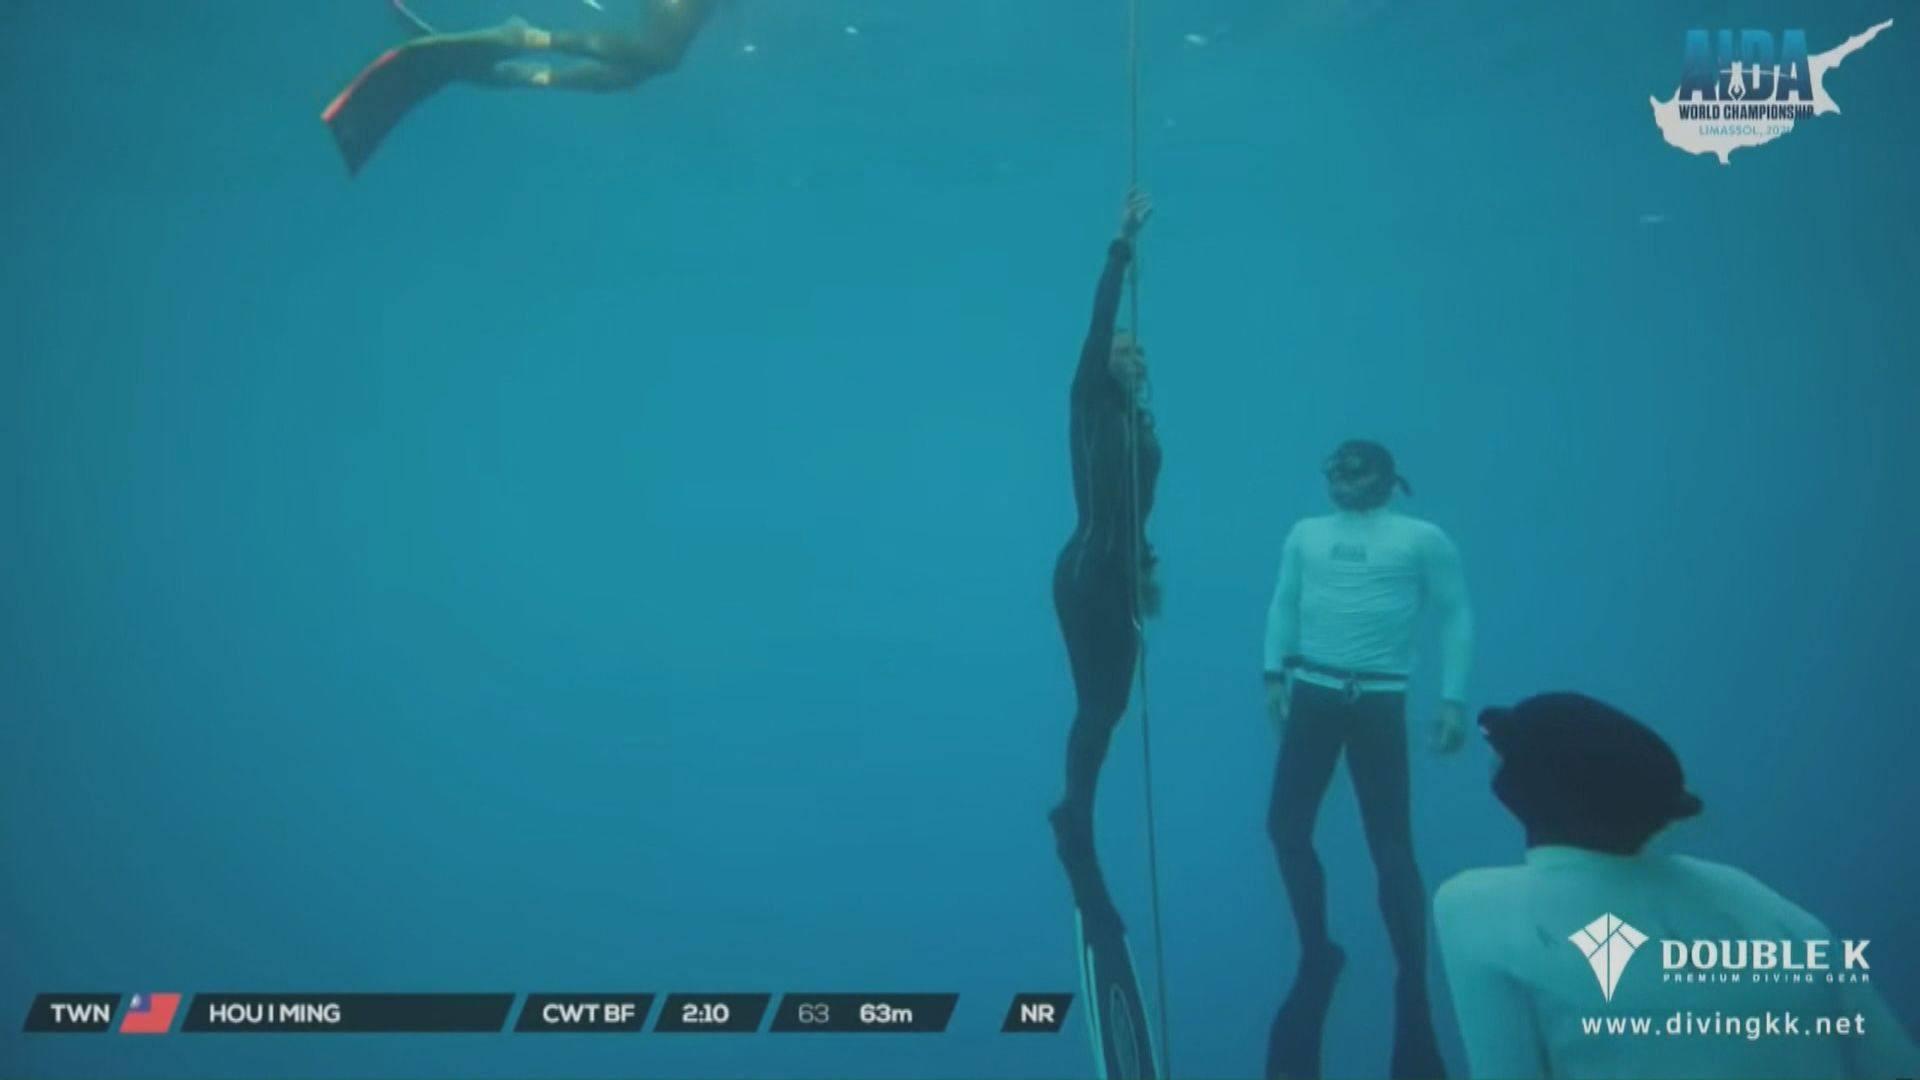 自由潛水世錦賽會方向台灣就移走旗幟一事致歉